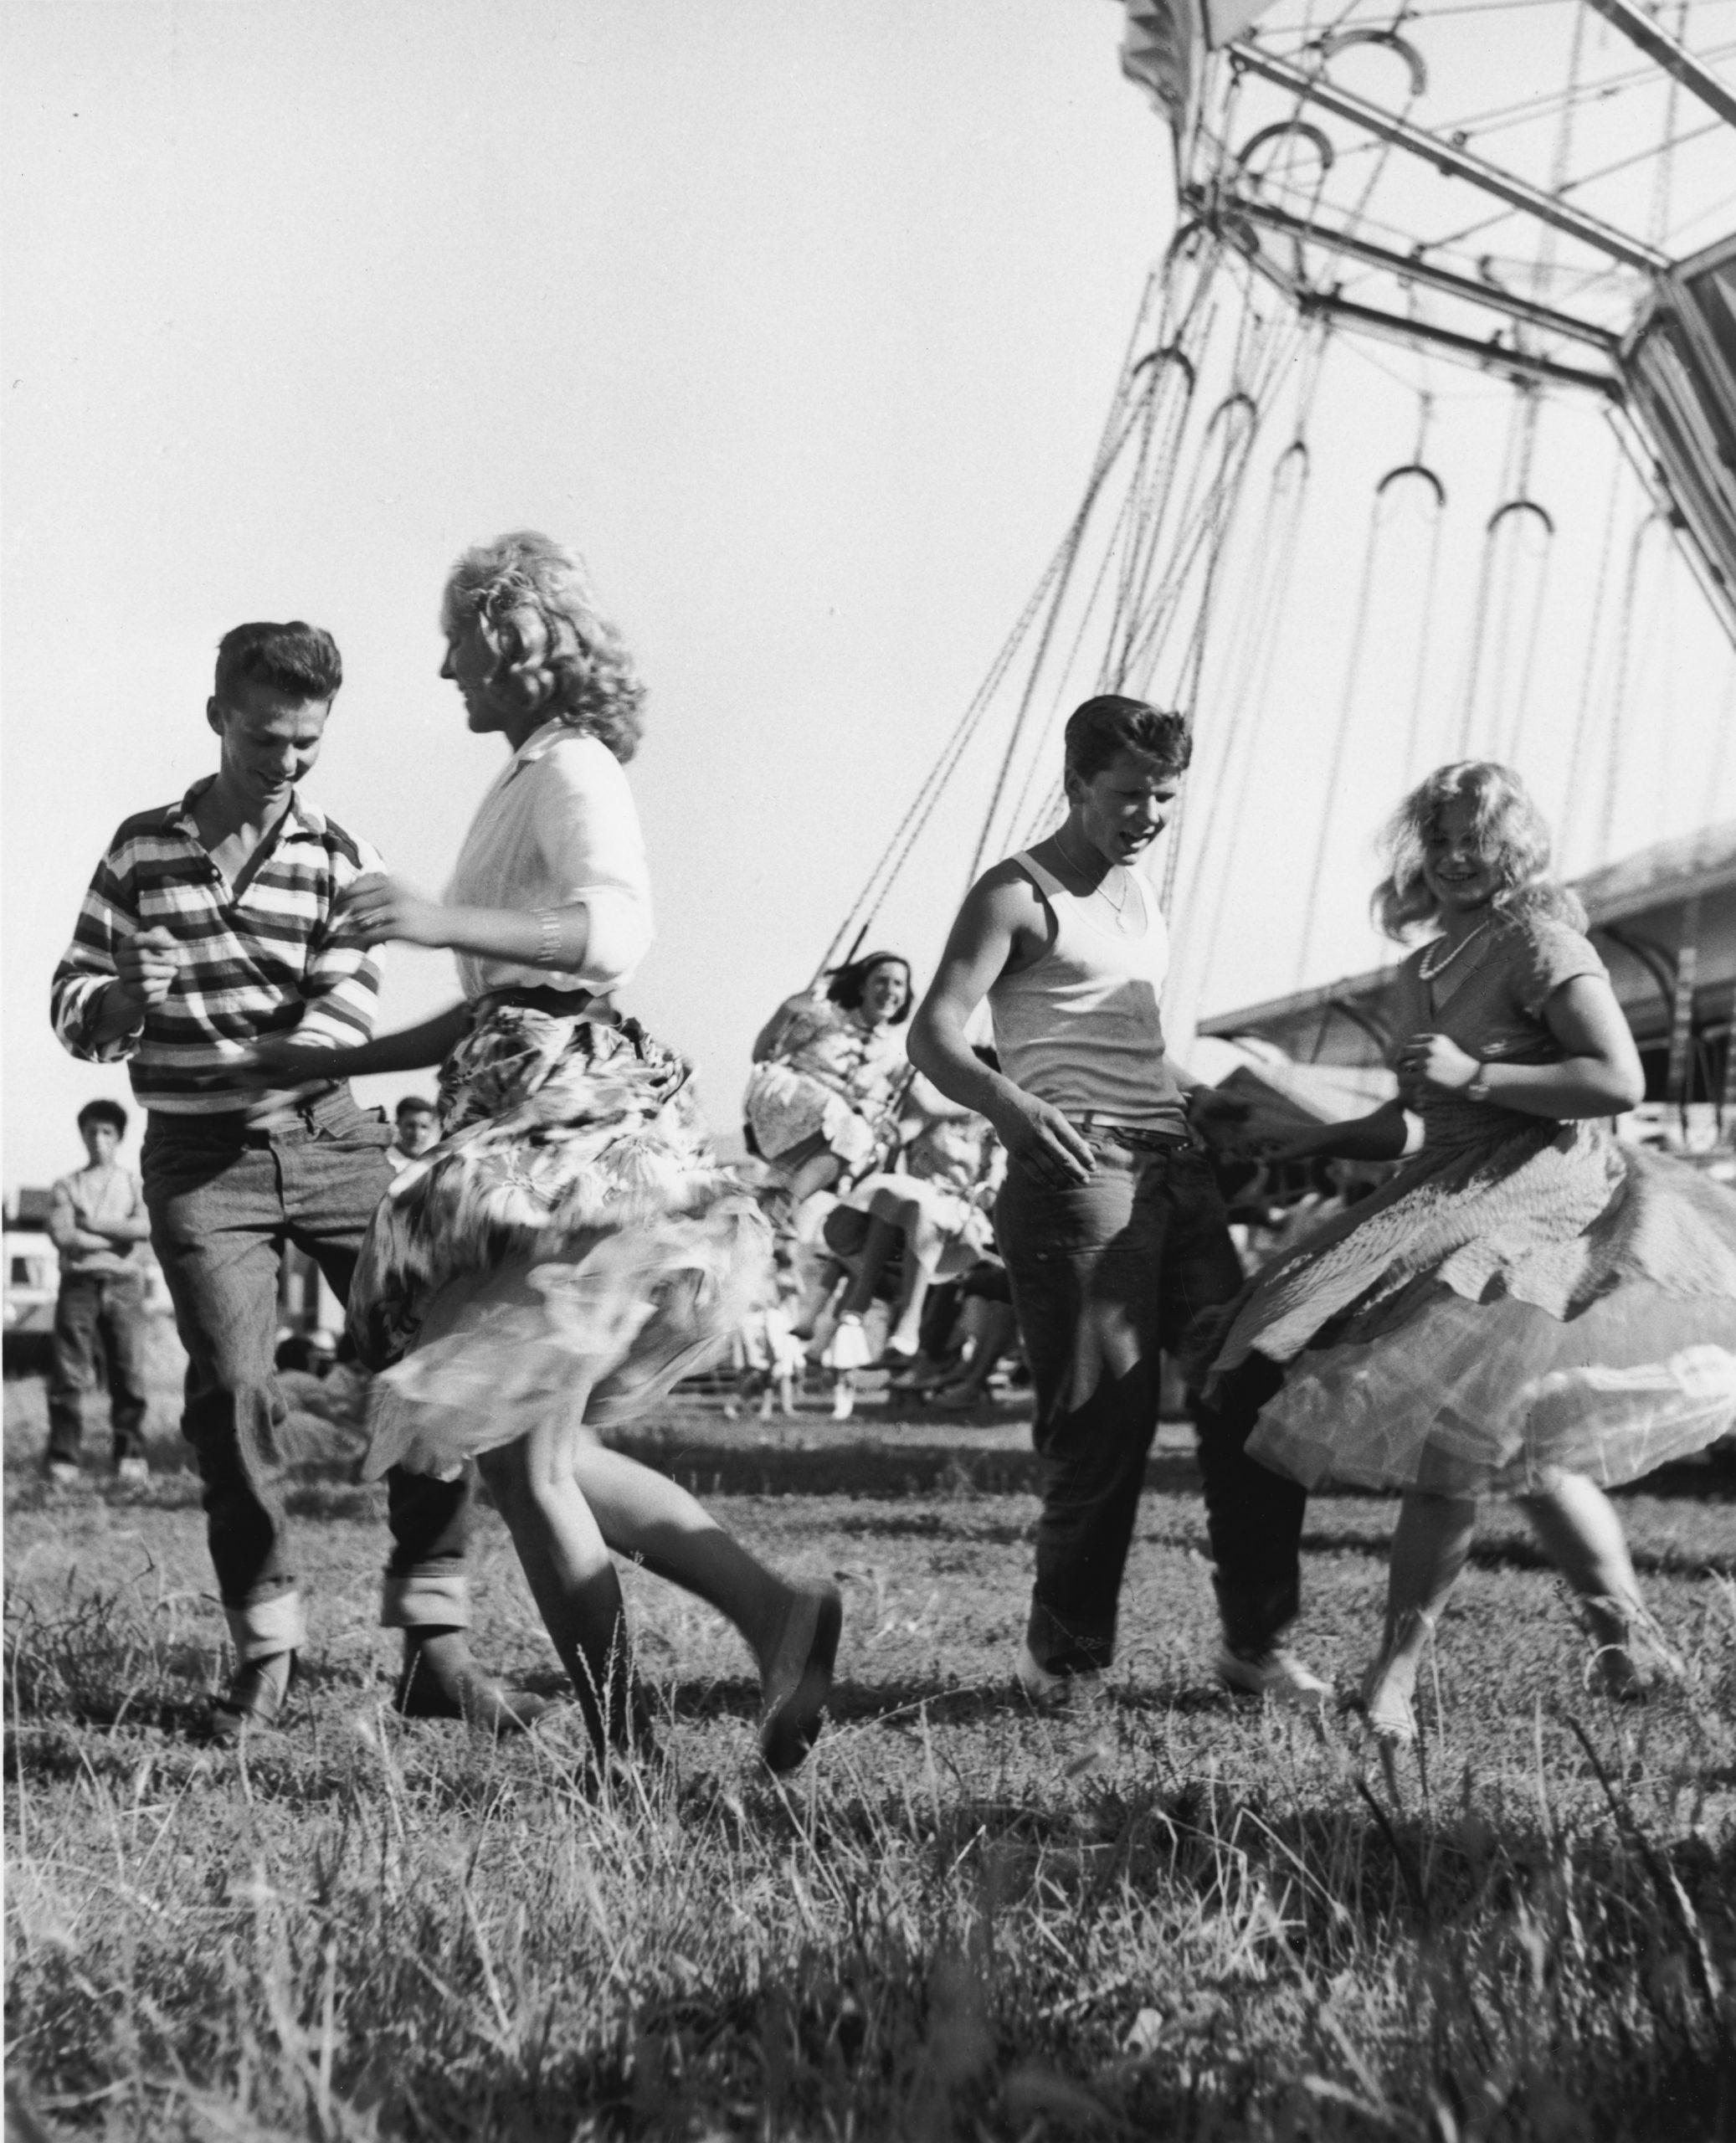 01_Mario Cattaneo, dalla serie Luna Park, 1955 - 1963 © Museo di Fotografia Contemporanea